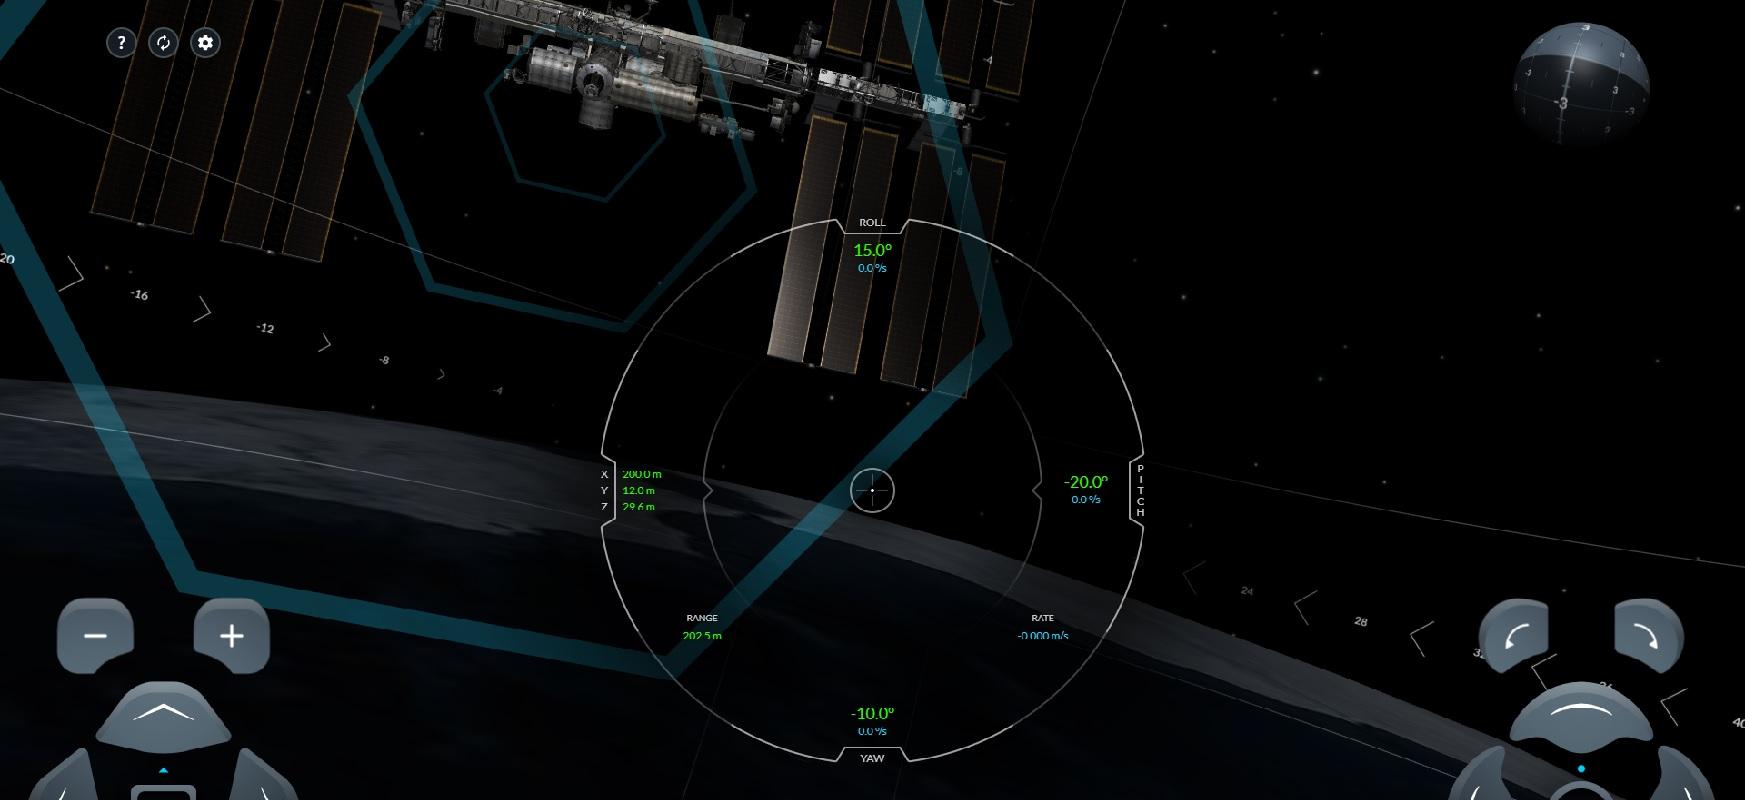 SpaceX-ek drago amarrarren simuladorea eskuragarri jarri du ISS-entzat.  Denek probatu dezakete